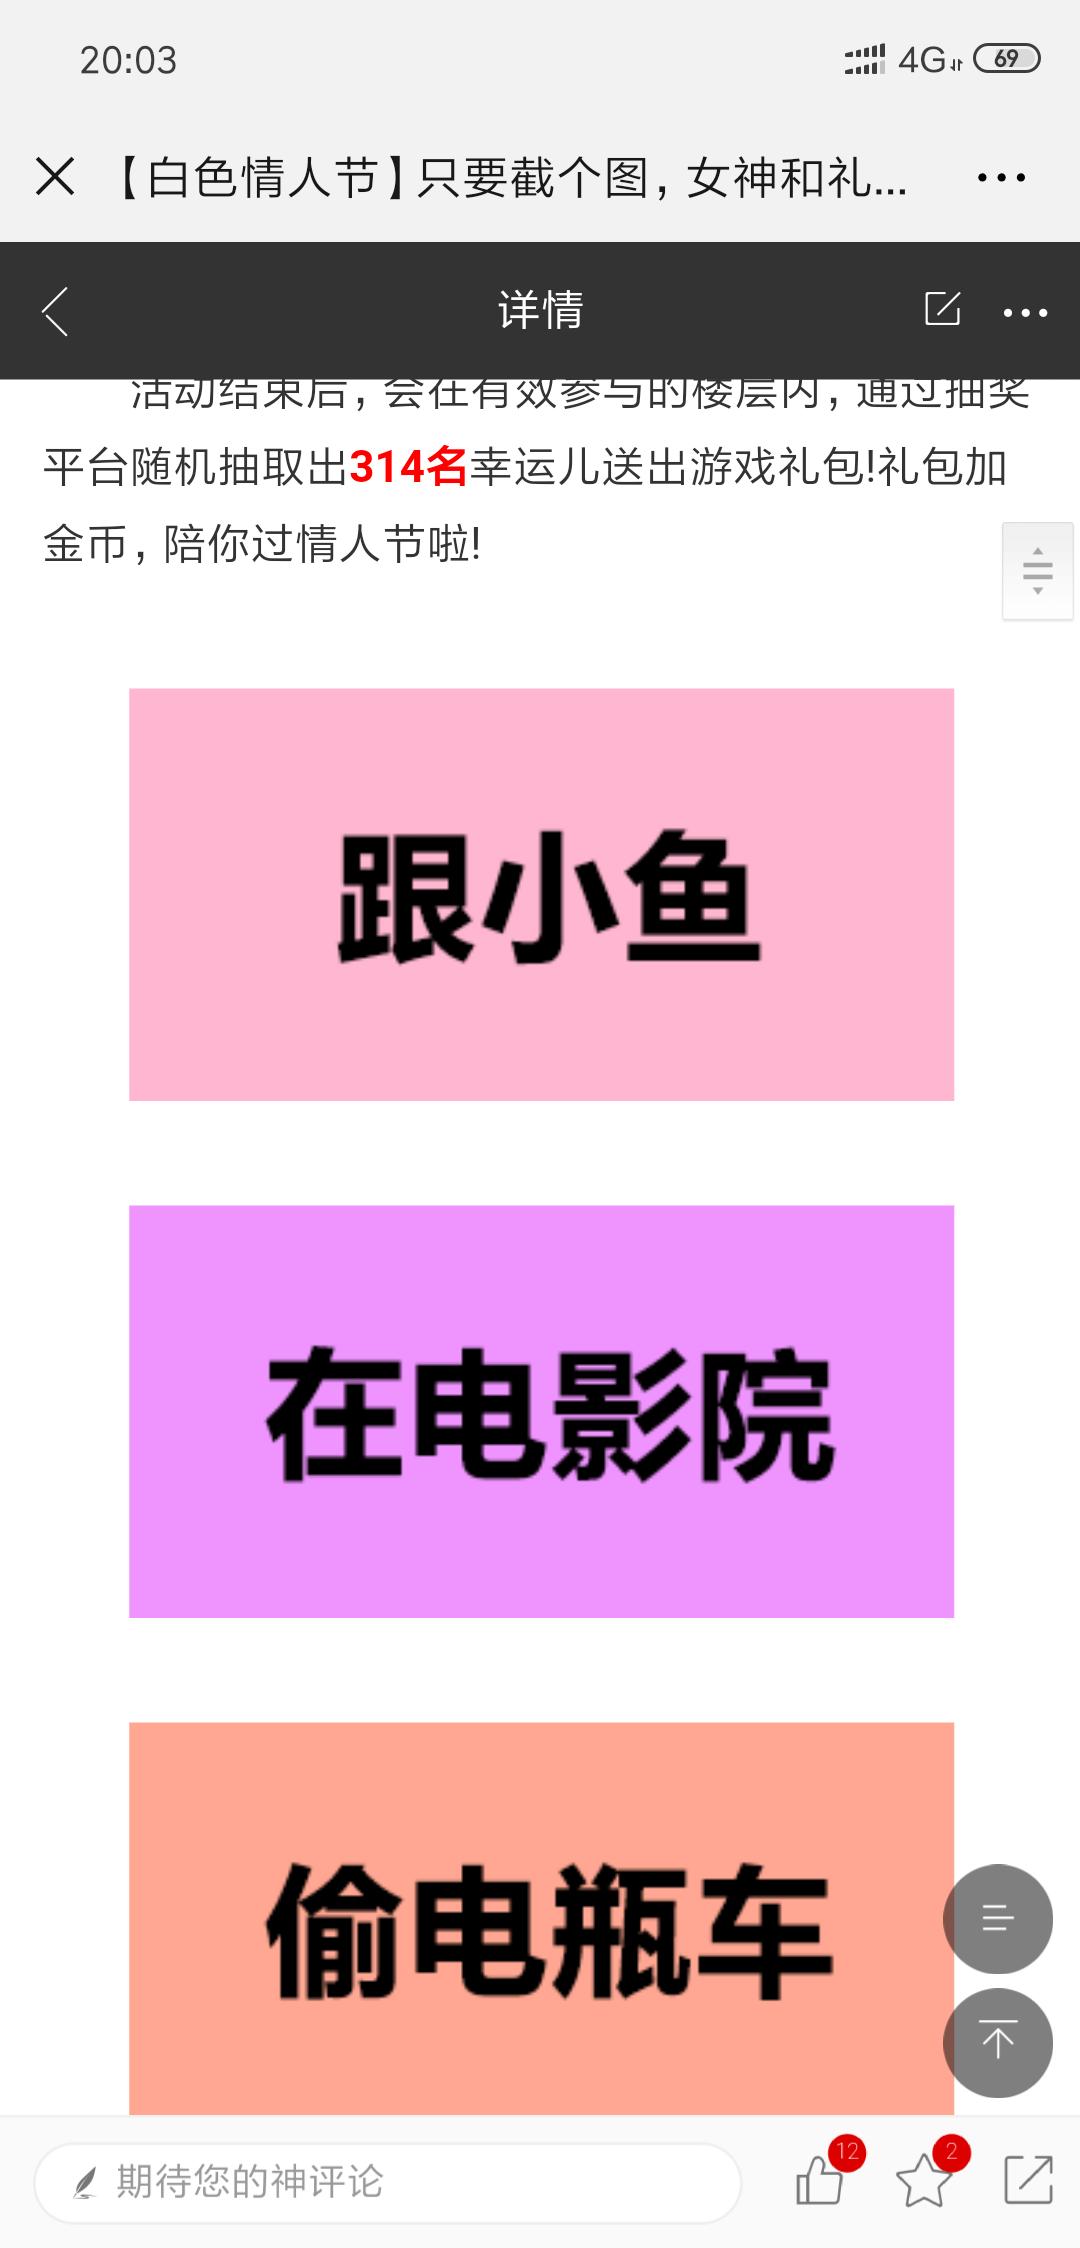 Screenshot_2019-03-13-20-03-21-880_com.tencent.mm.png